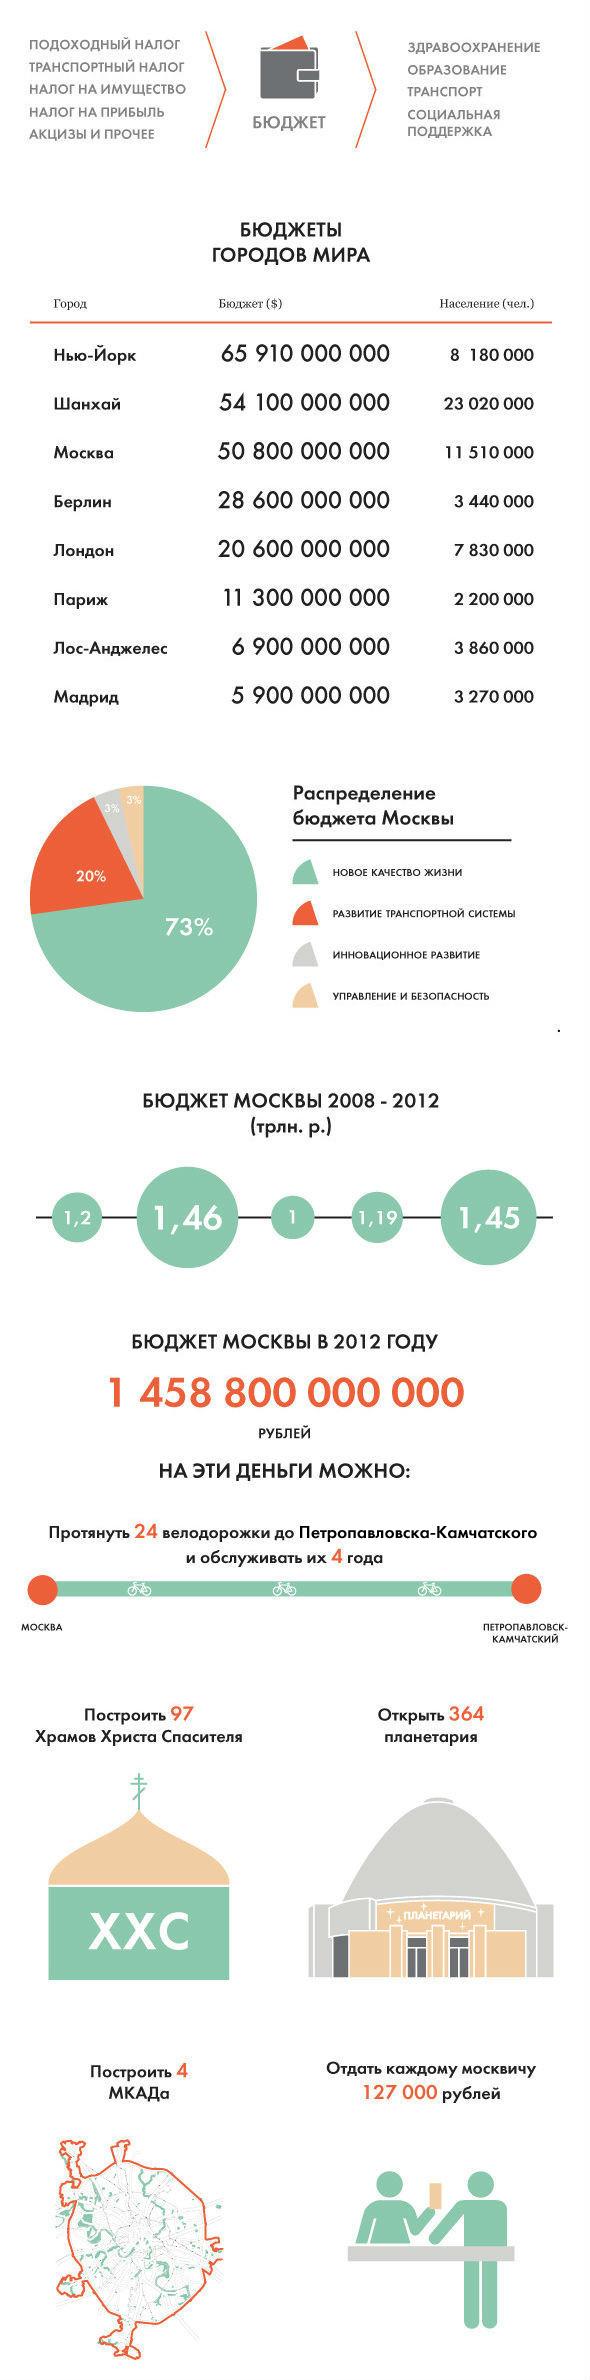 Цифры недели: Бюджет Москвы. Изображение № 1.